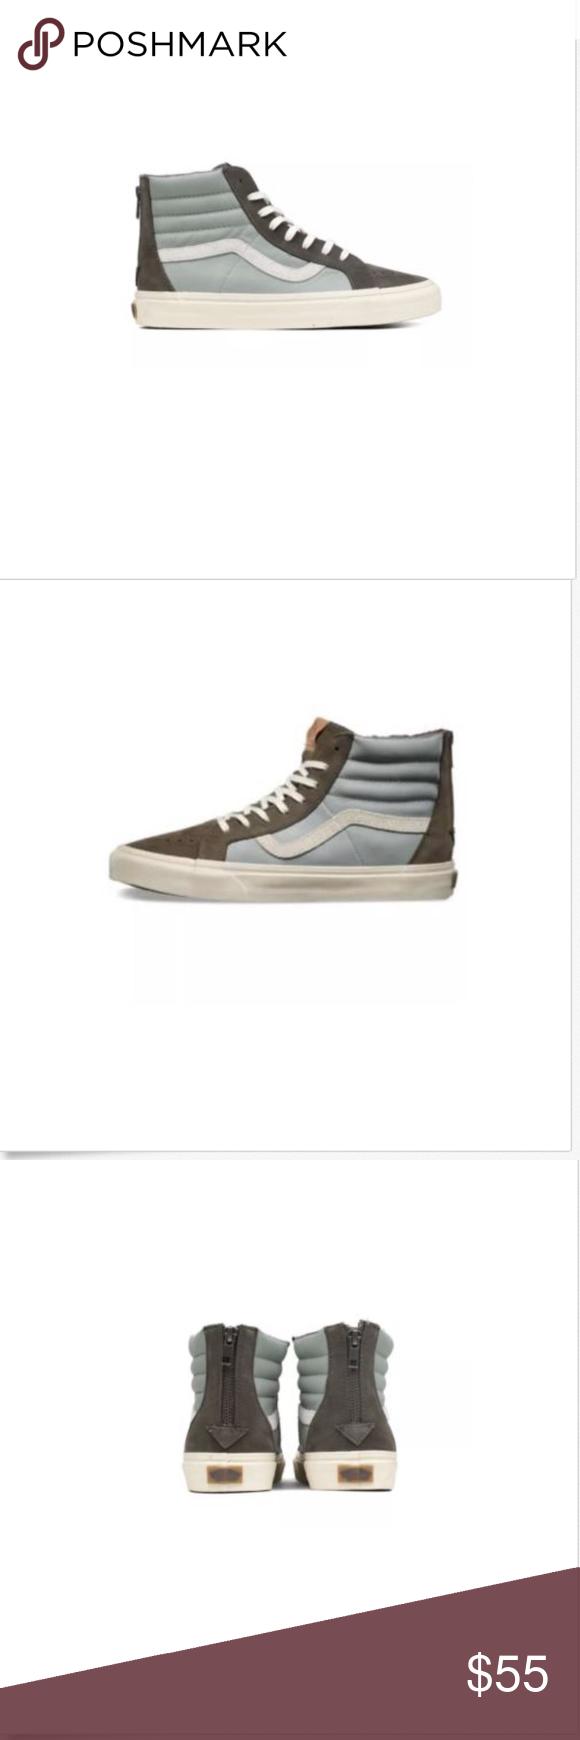 0d0a8b075ad718 Vans Sk8 Hi Zip Leather Nubuck Suede Major Brown Vans Off the Wall Sk8 Hi  Zip Leather Nubuck Suede Major Brown Shoes Men 9 Brand New In Box Vans  Shoes ...